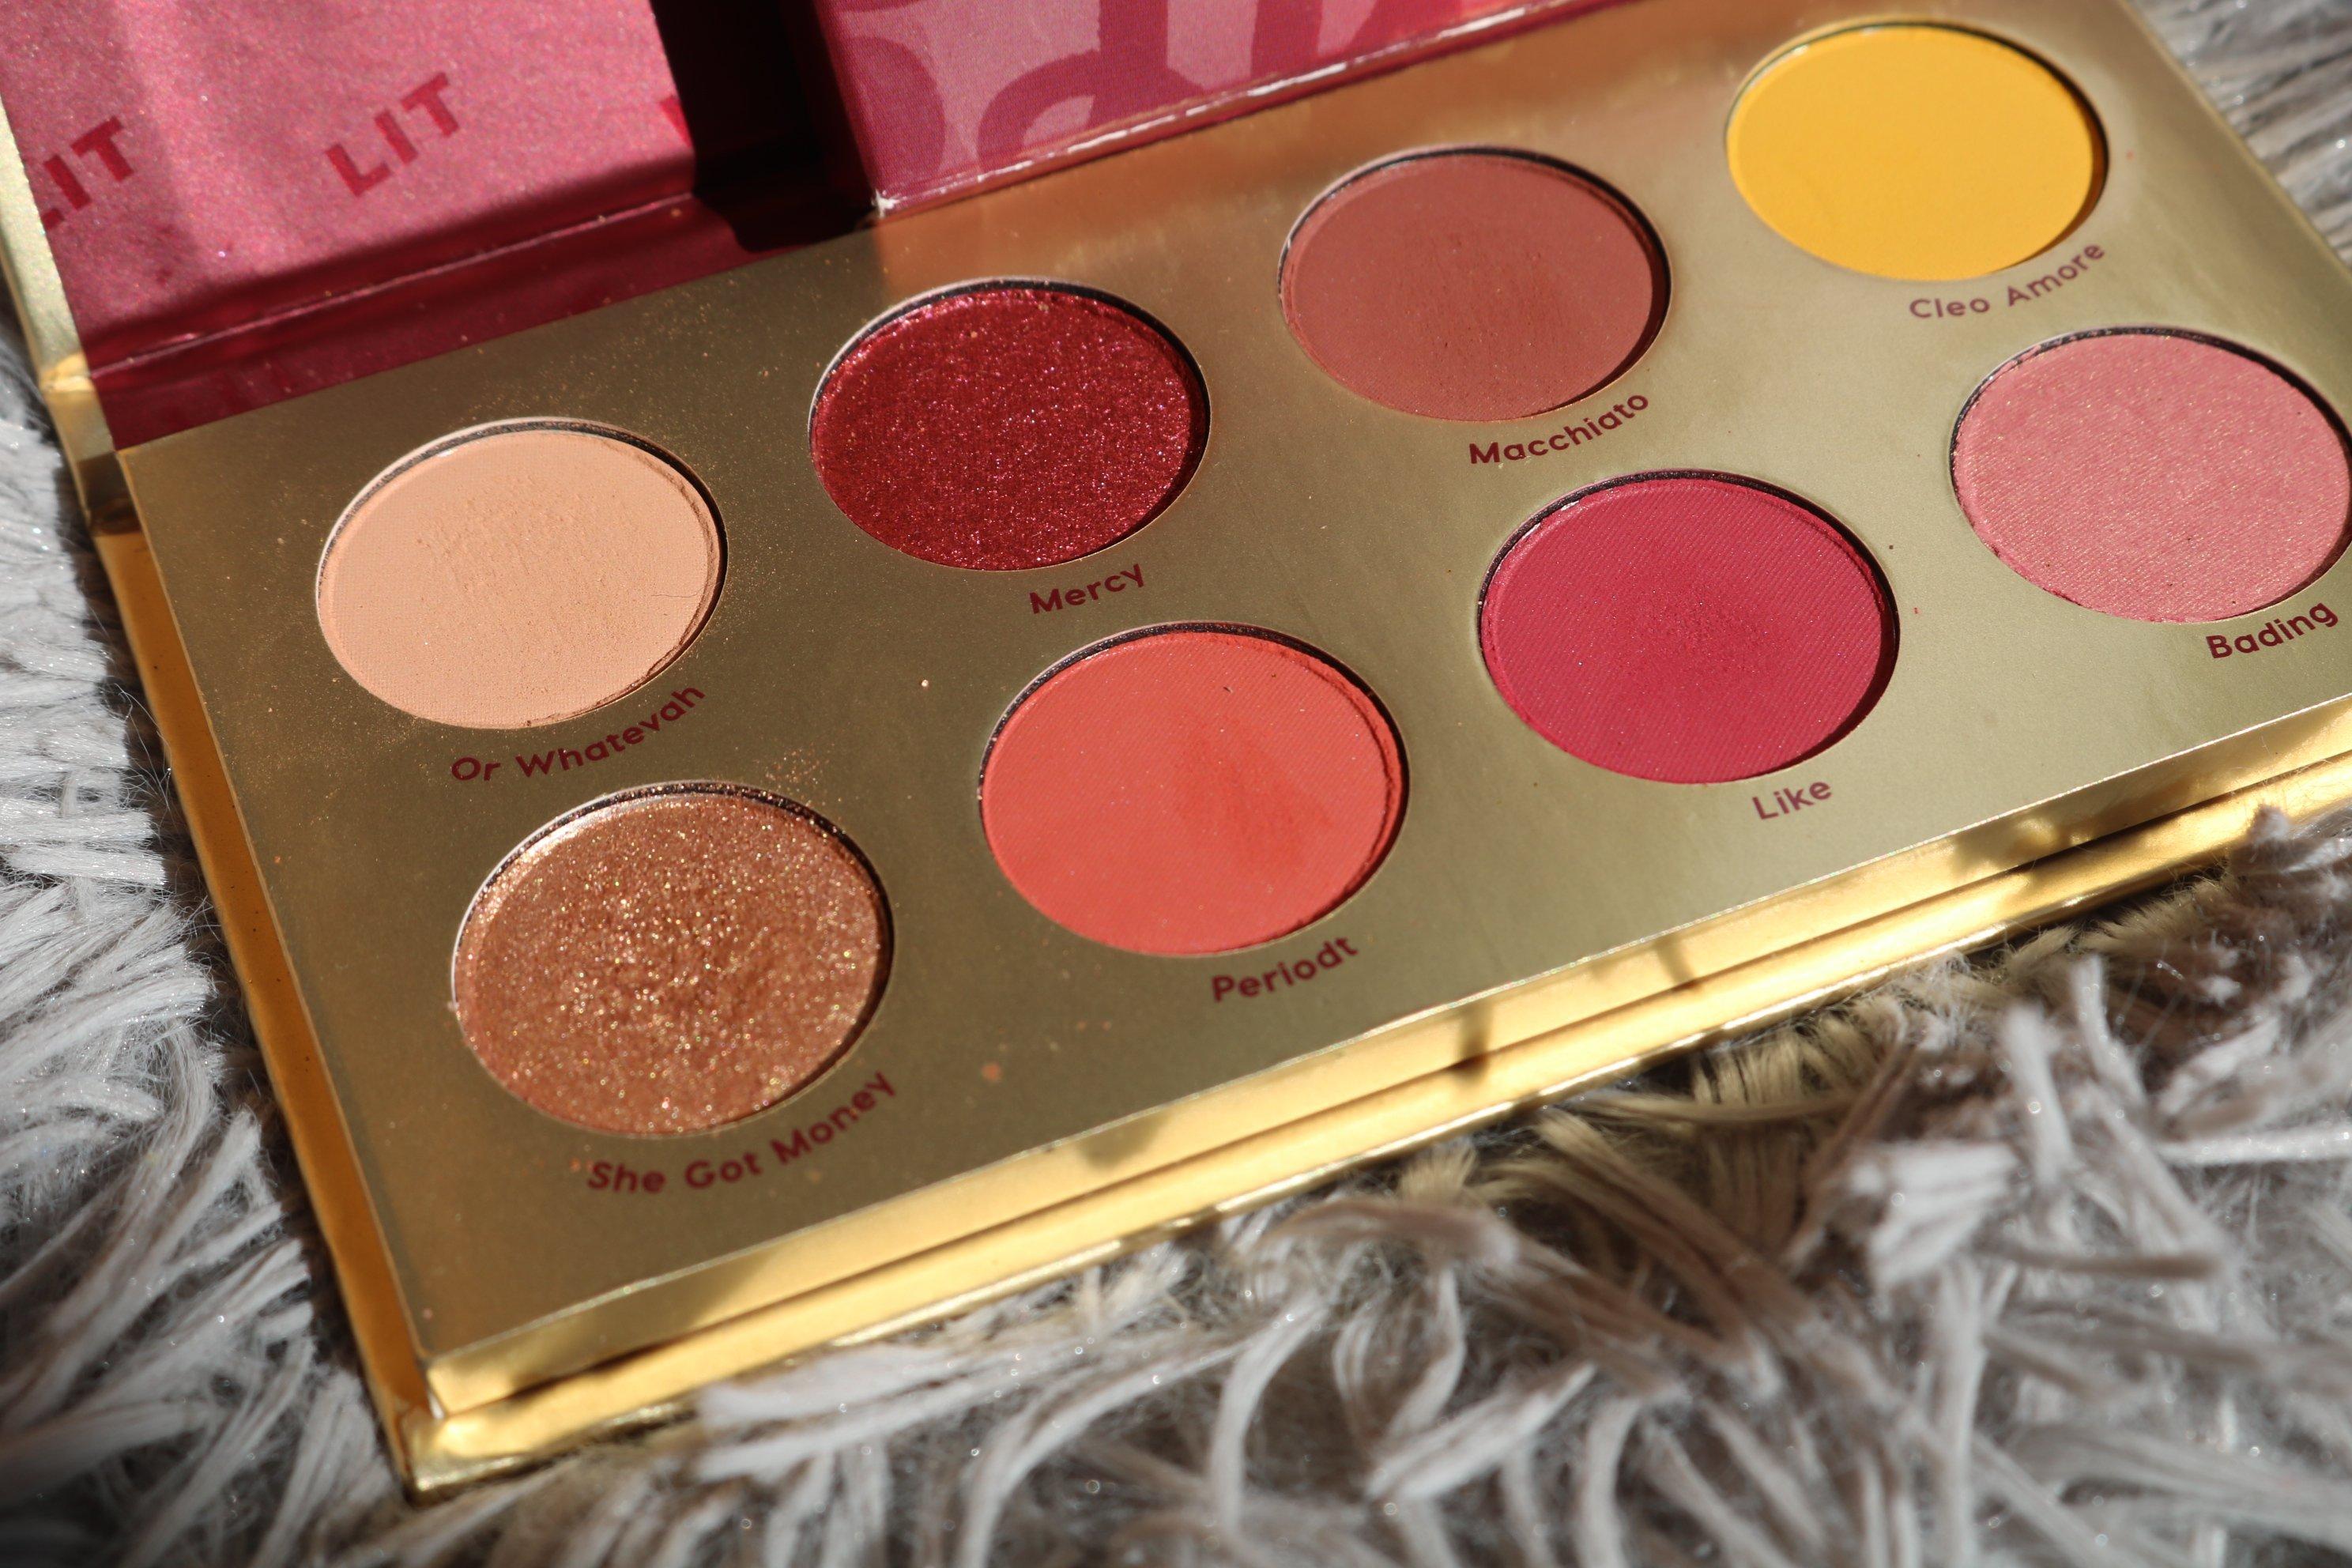 Bretman Rock X colour pop Lit palette - Nique's beauty